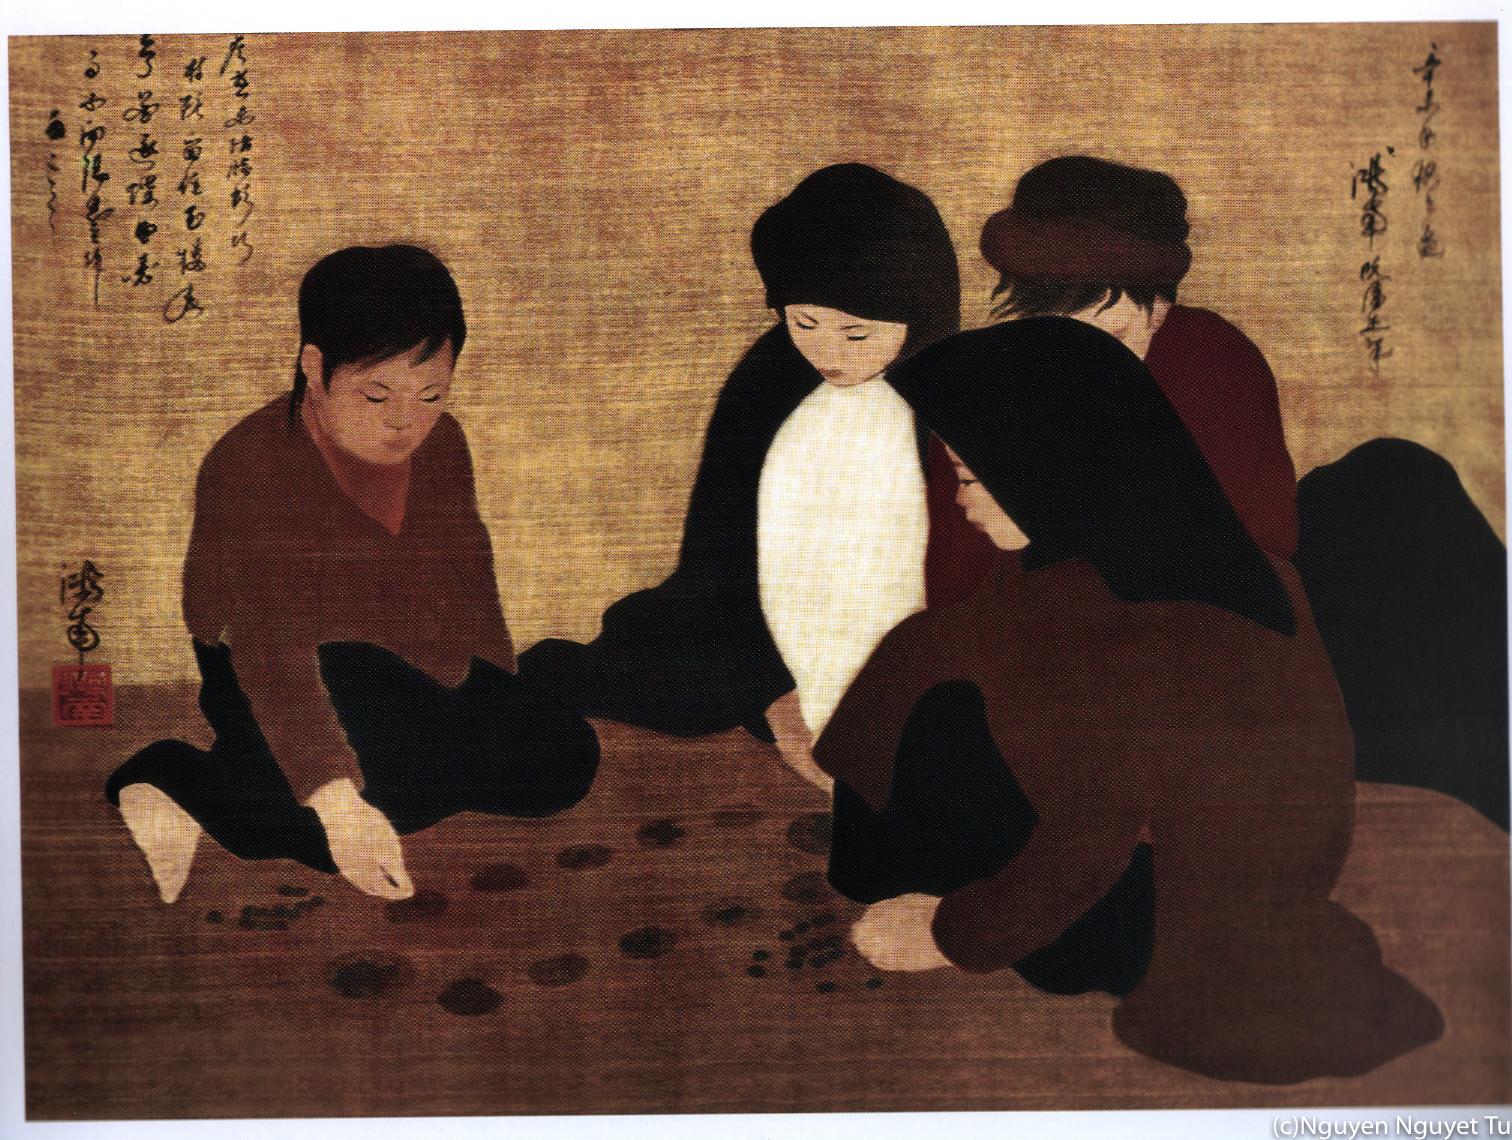 グエン・ファン・チャン《オーアンクァン遊び》(19311年、福岡アジア美術館蔵)